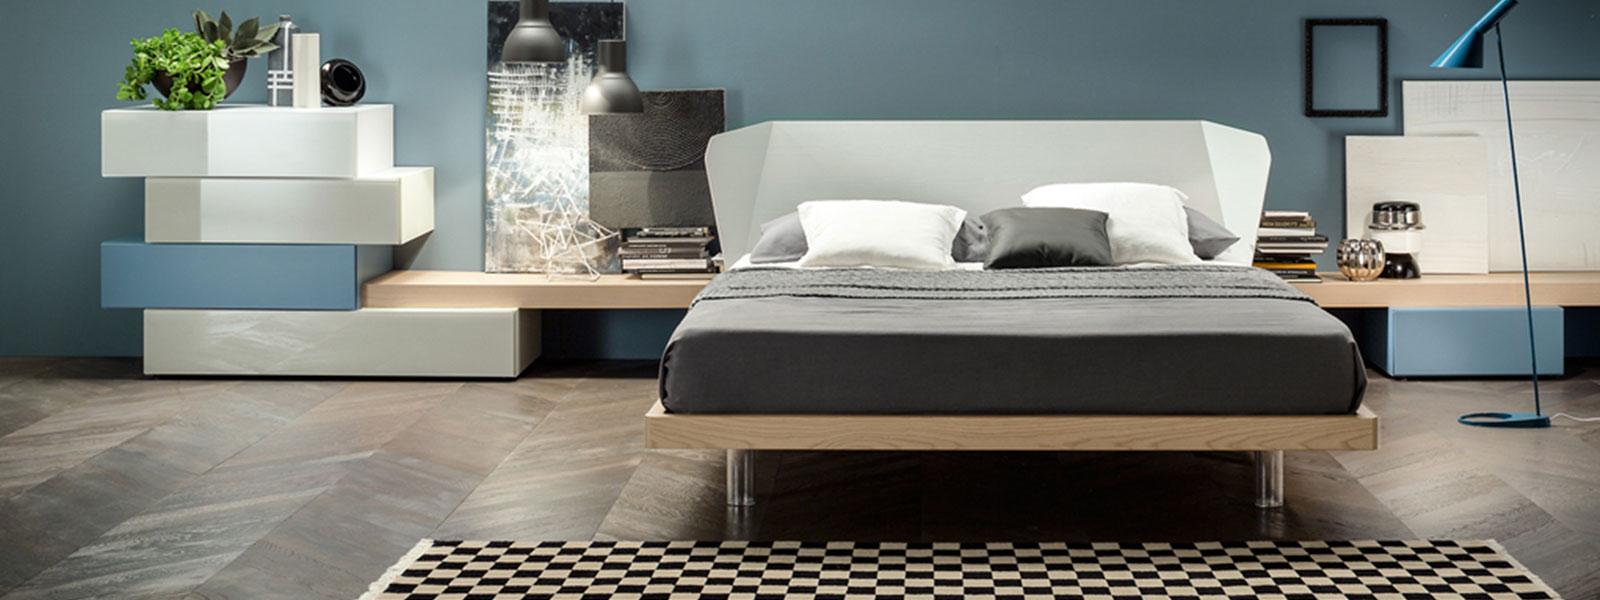 realizzazione progettazione camere da letto